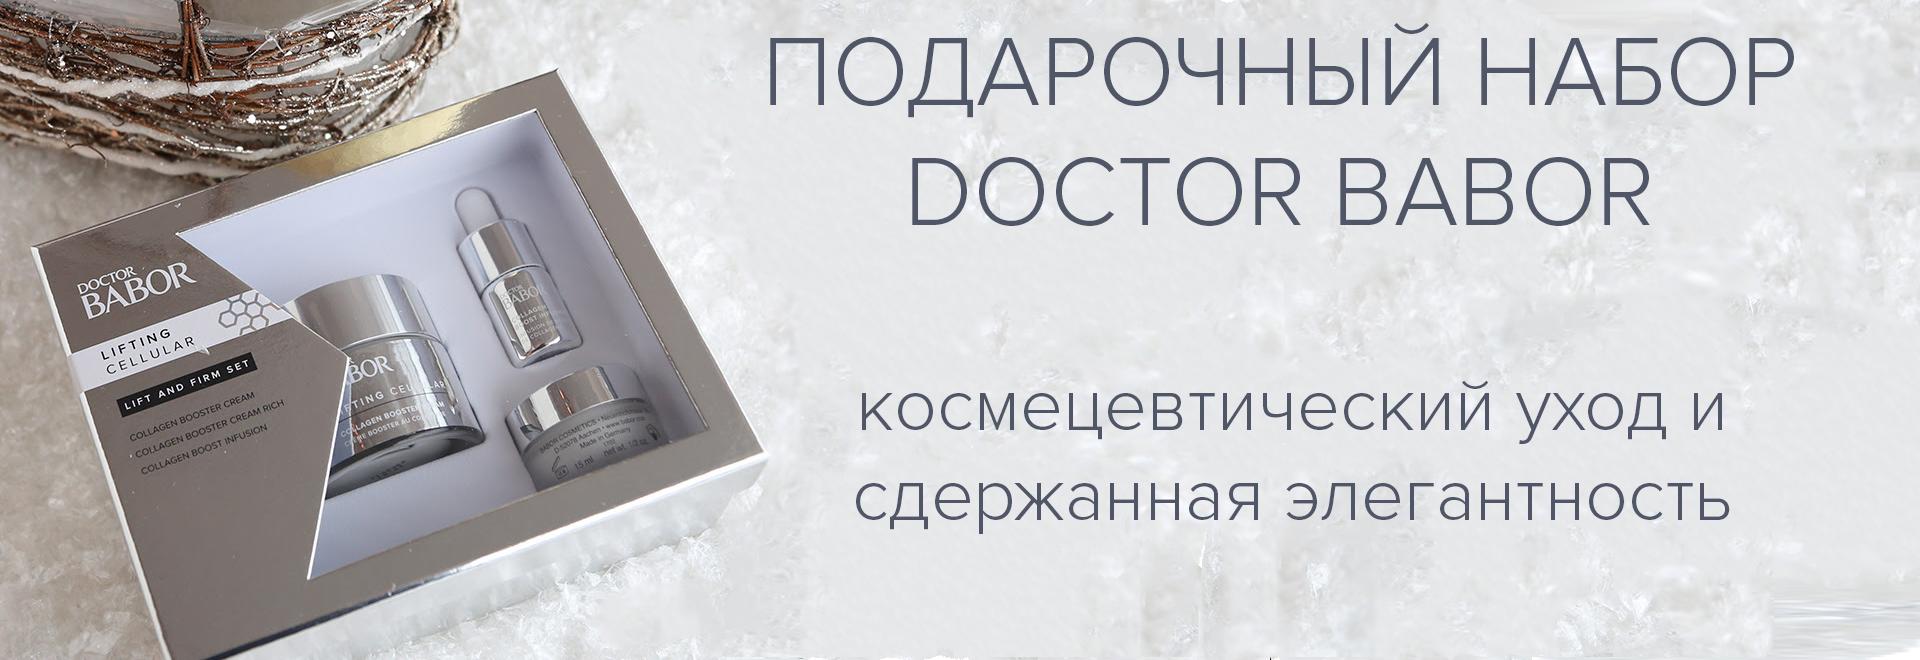 Подарочный набор DOCTOR BABOR